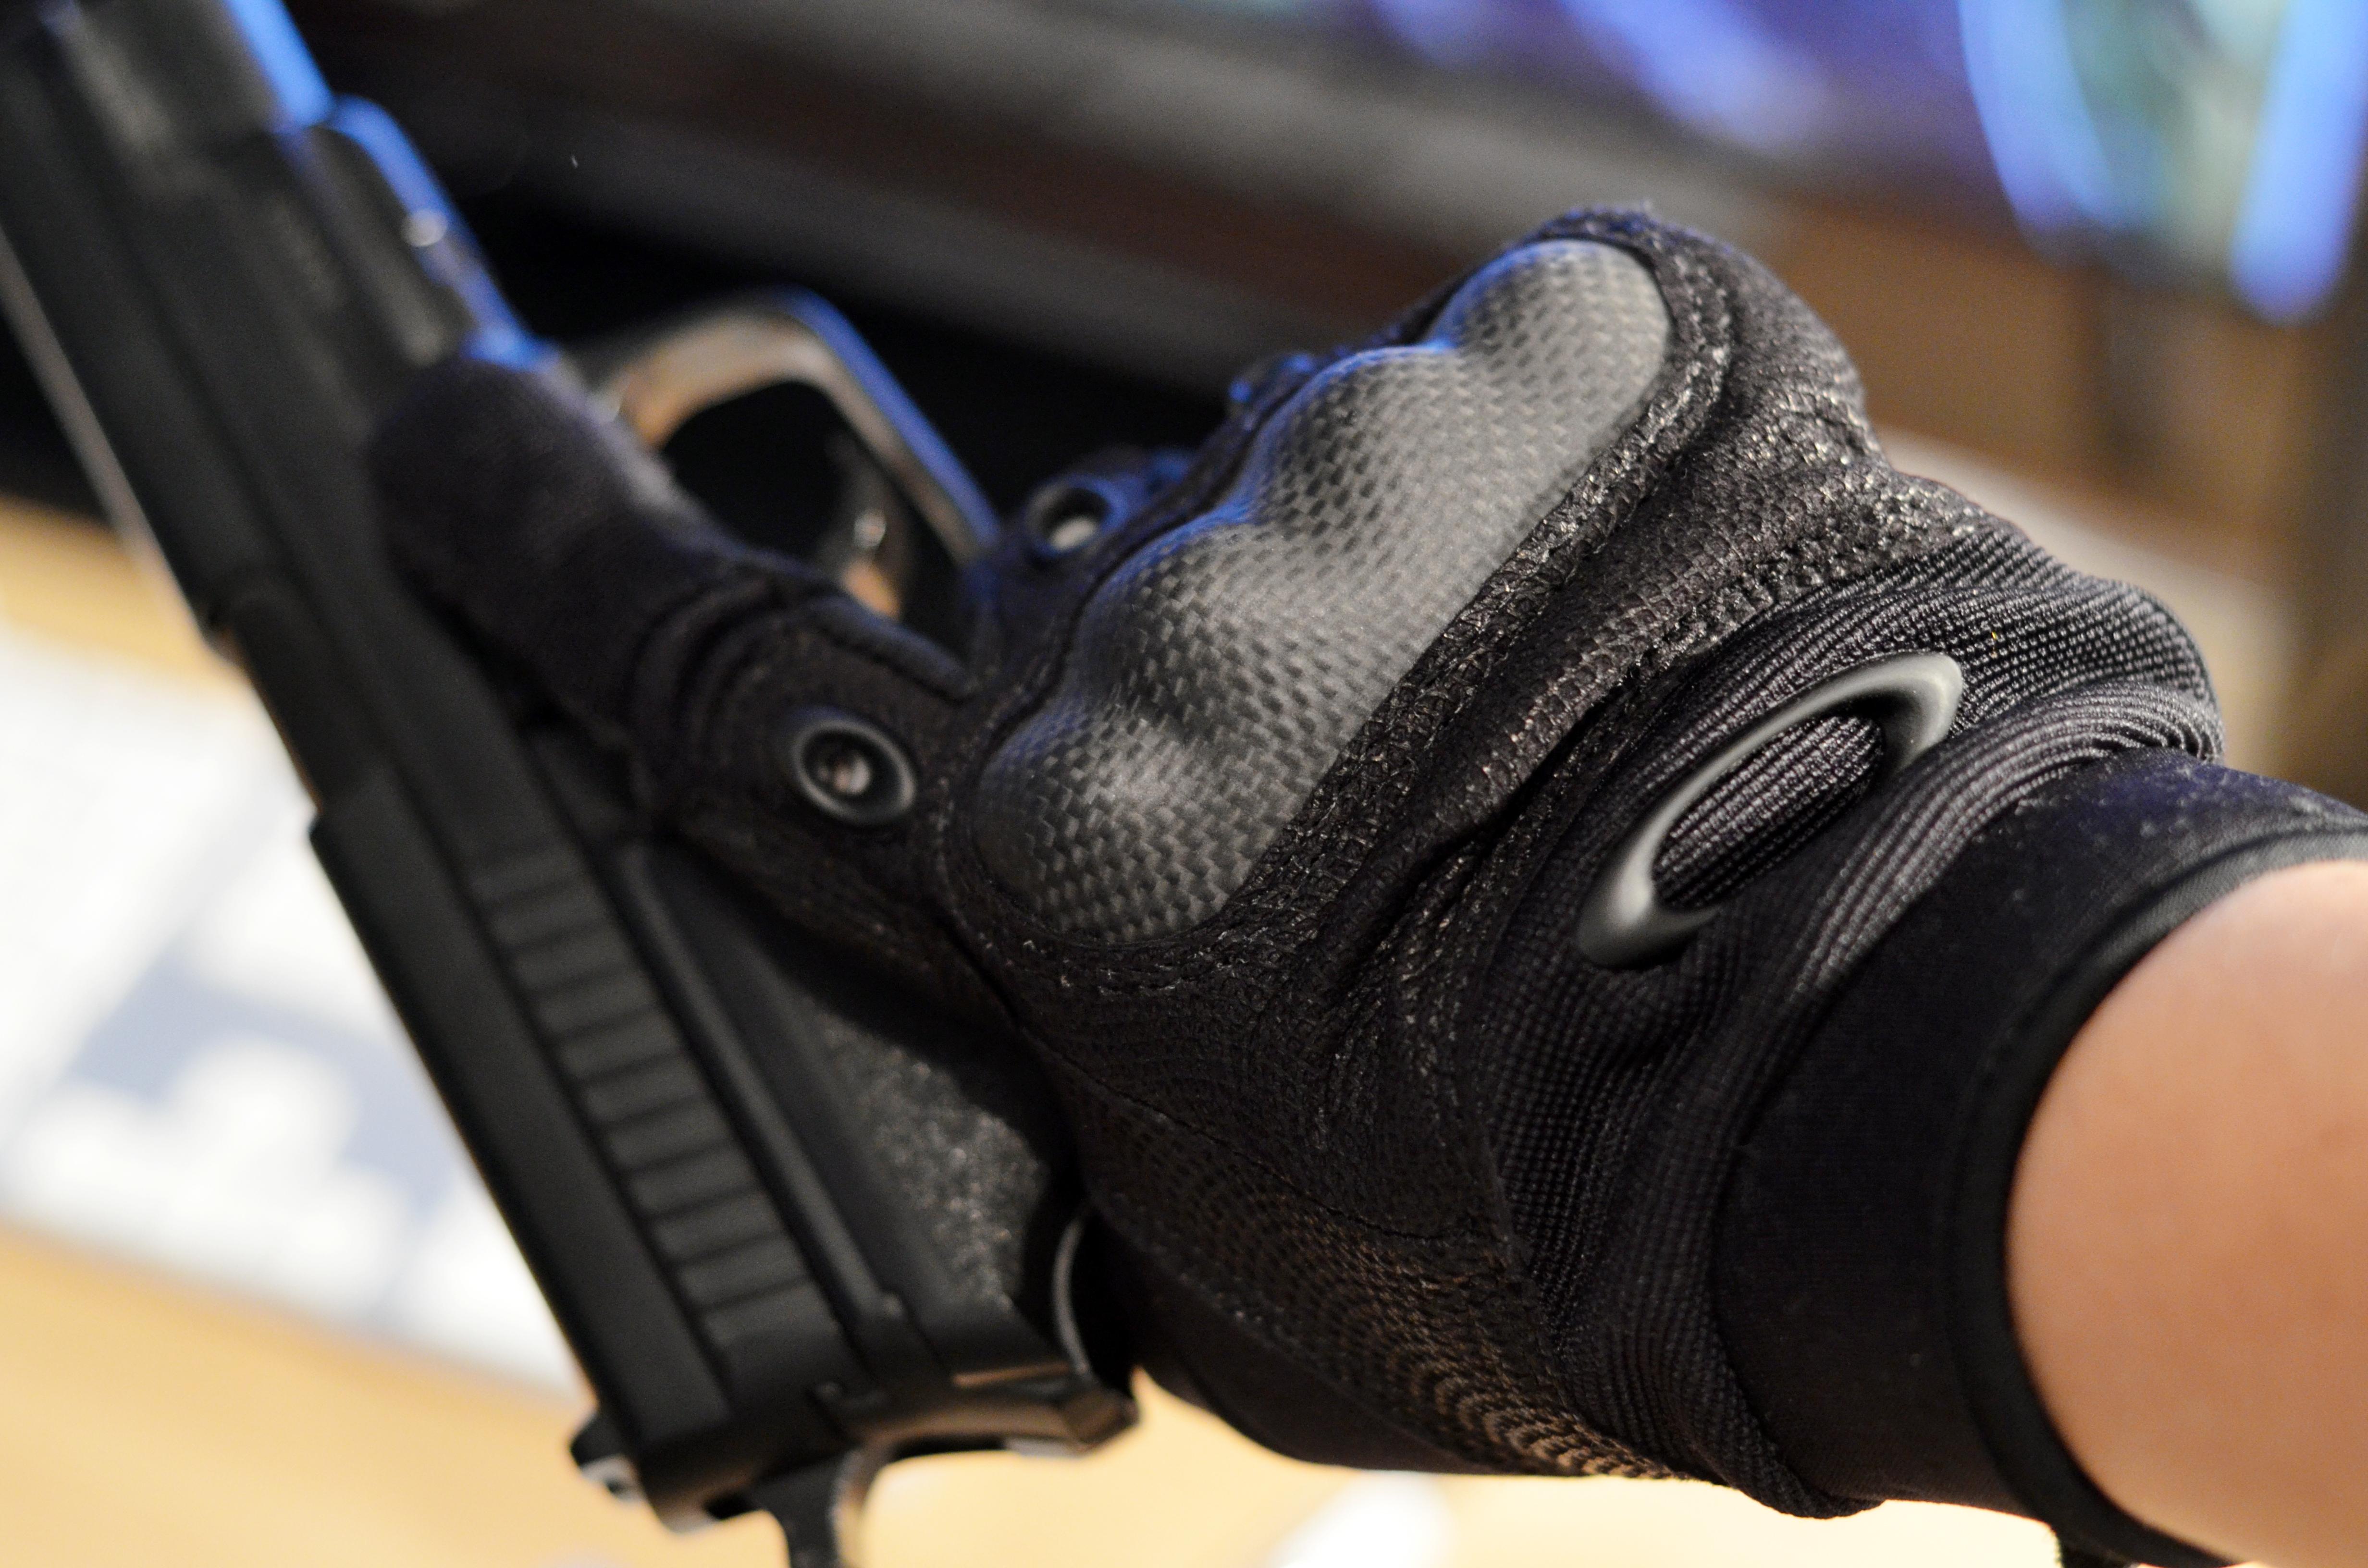 Универсальные перчатки спецназовского образца